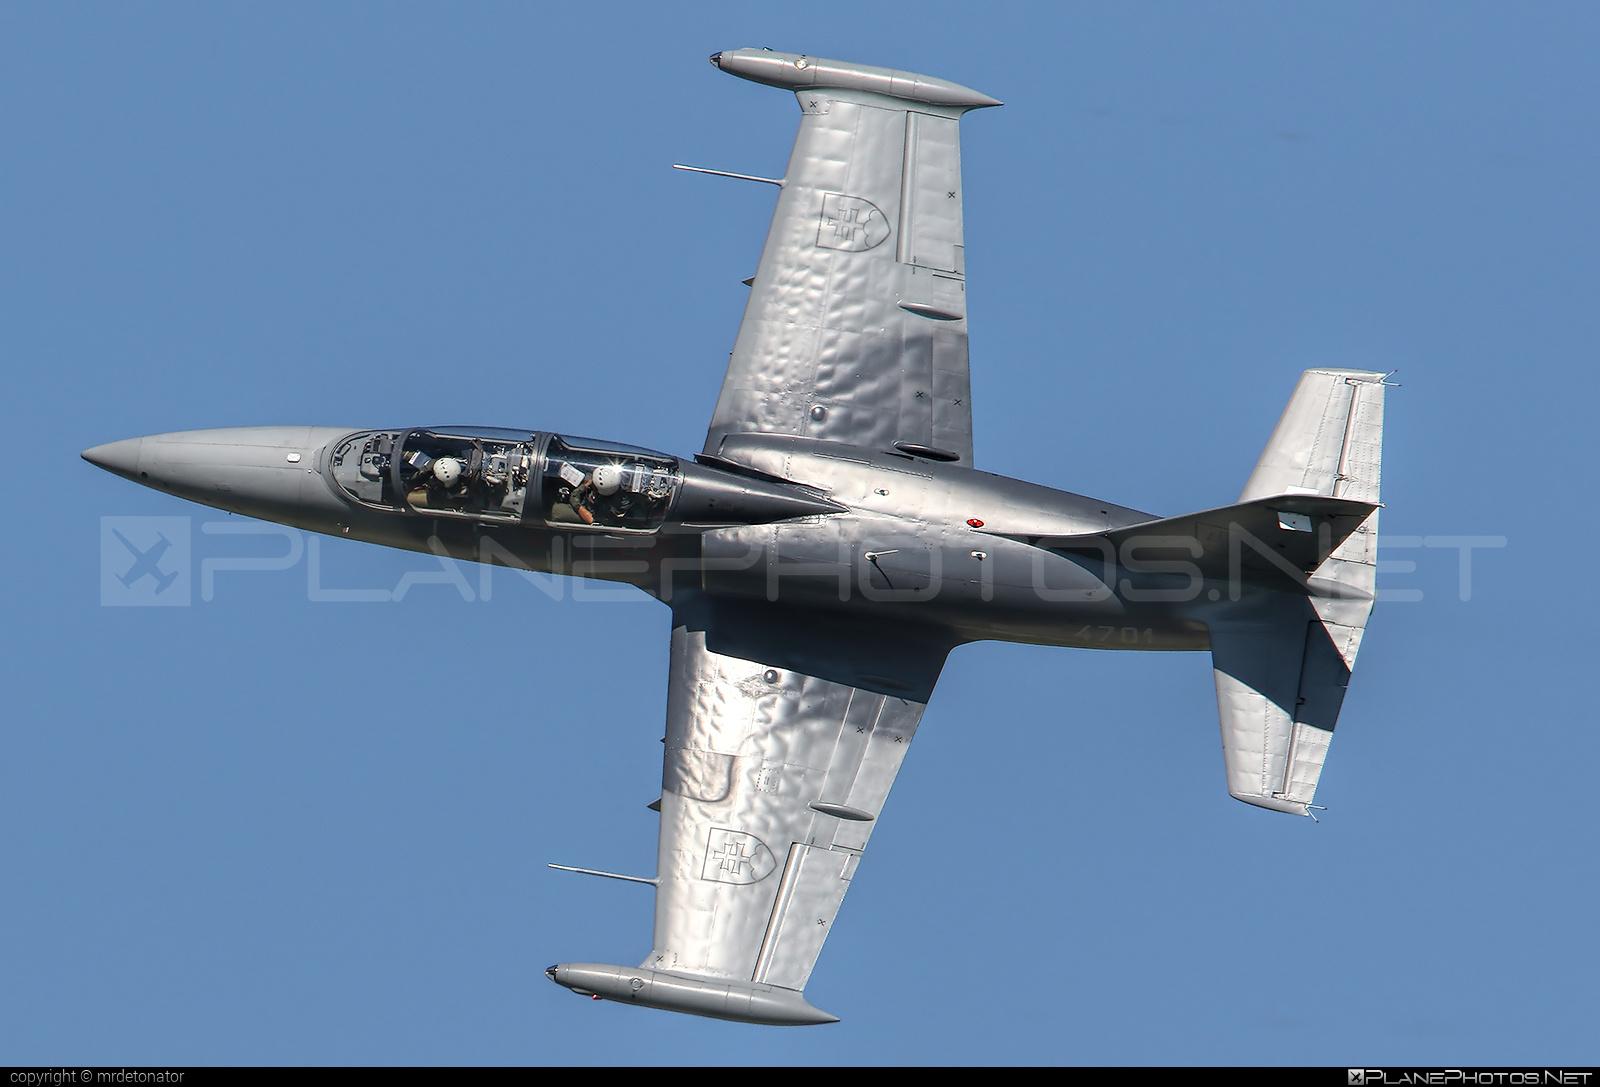 Vzdušné sily OS SR (Slovak Air Force) Aero L-39ZAM Albatros - 4701 #aero #slovakairforce #vzdusnesilyossr